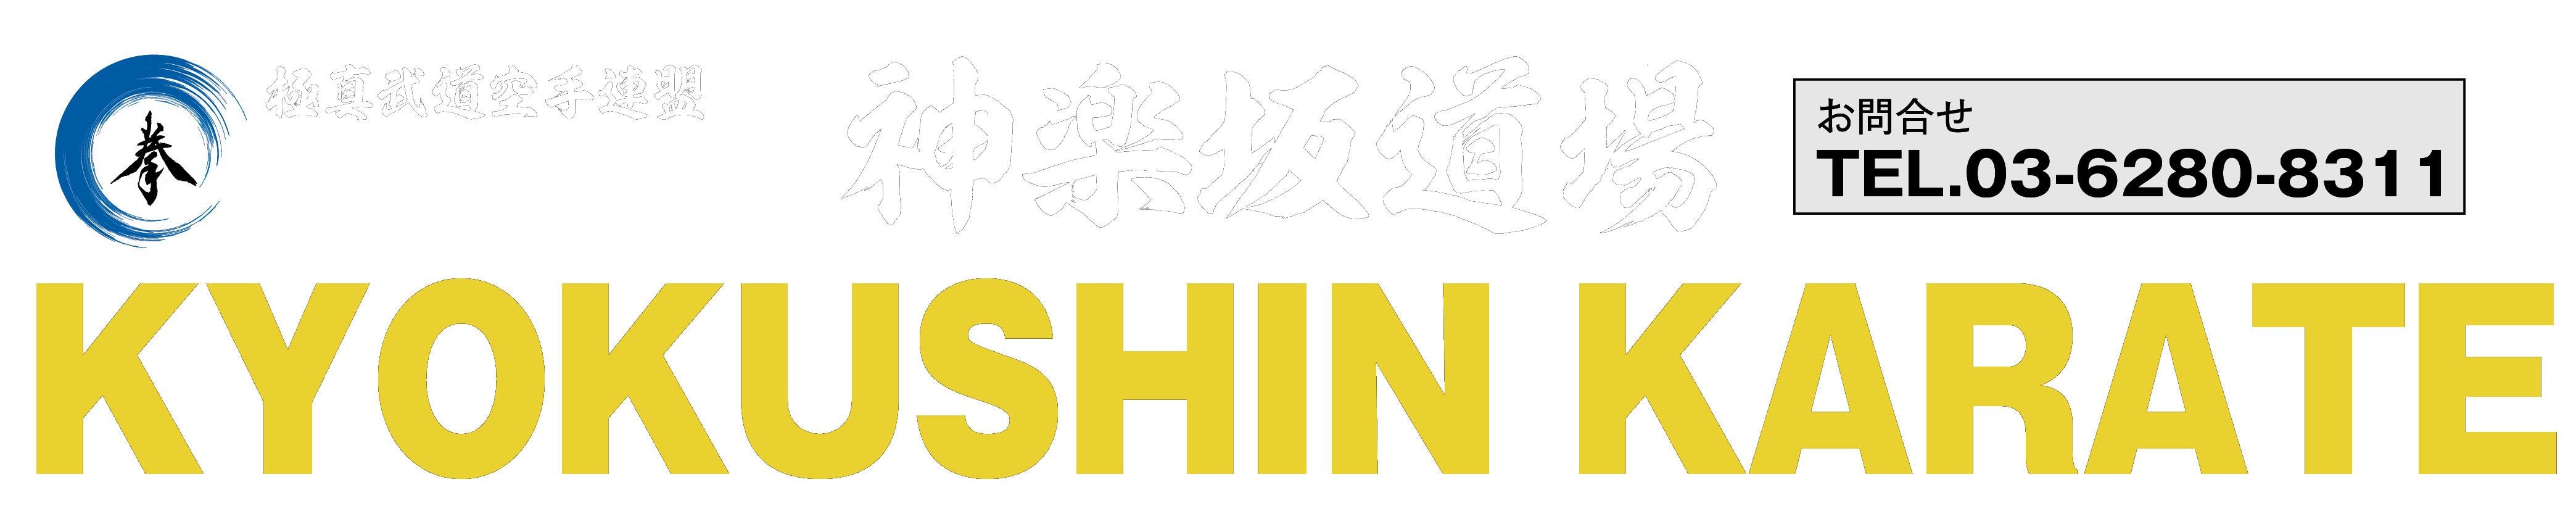 極真拳武會 神楽坂道場